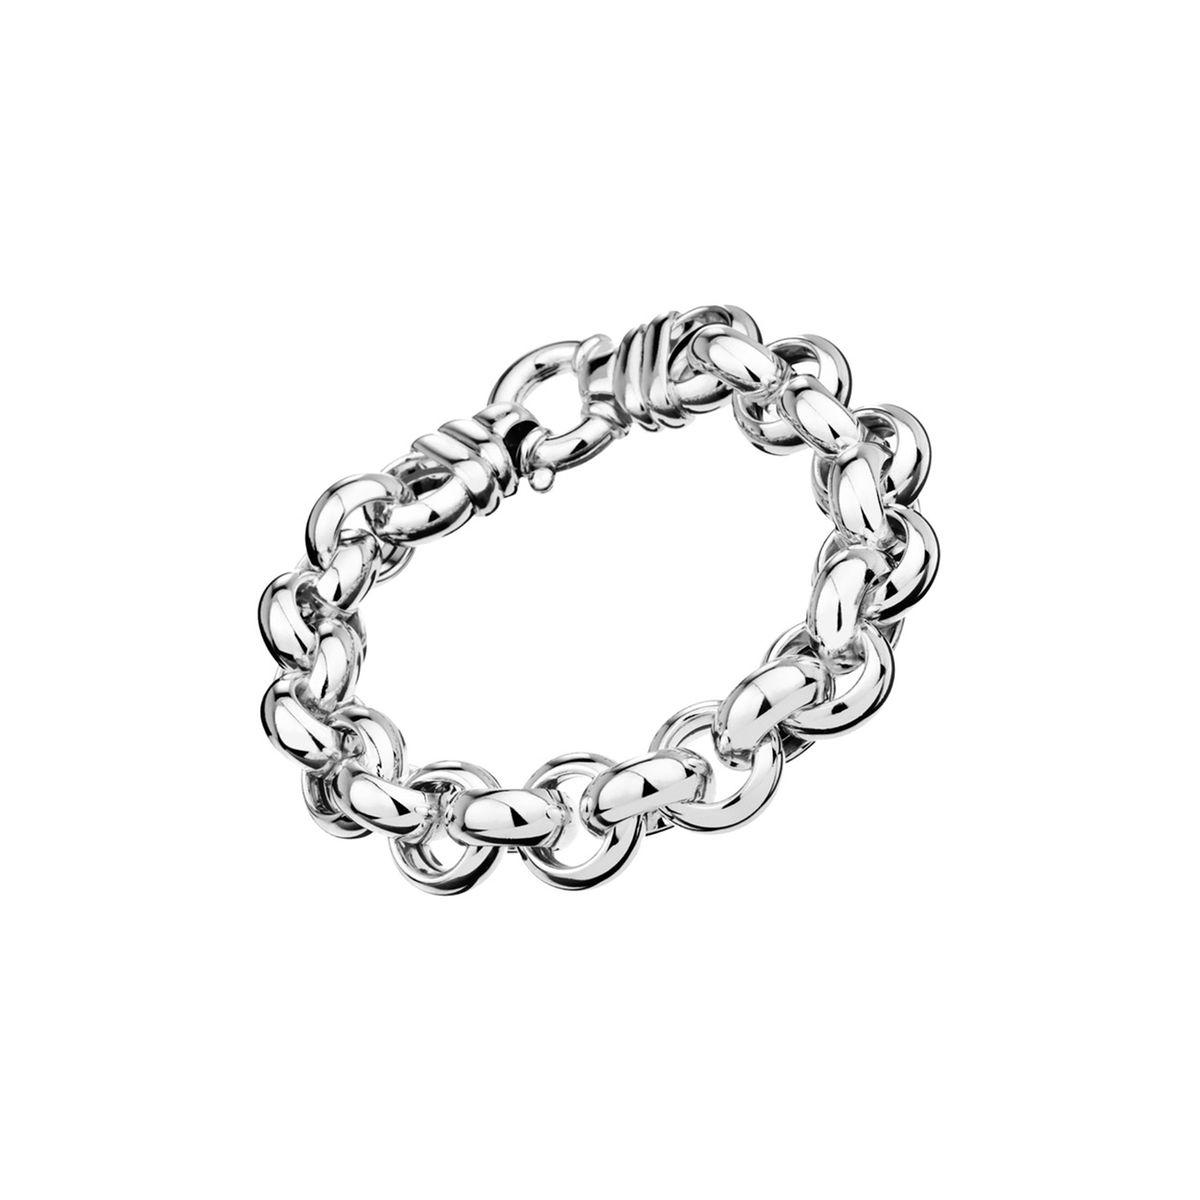 Bracelet chaîne maille jaseron en argent 925, 56g